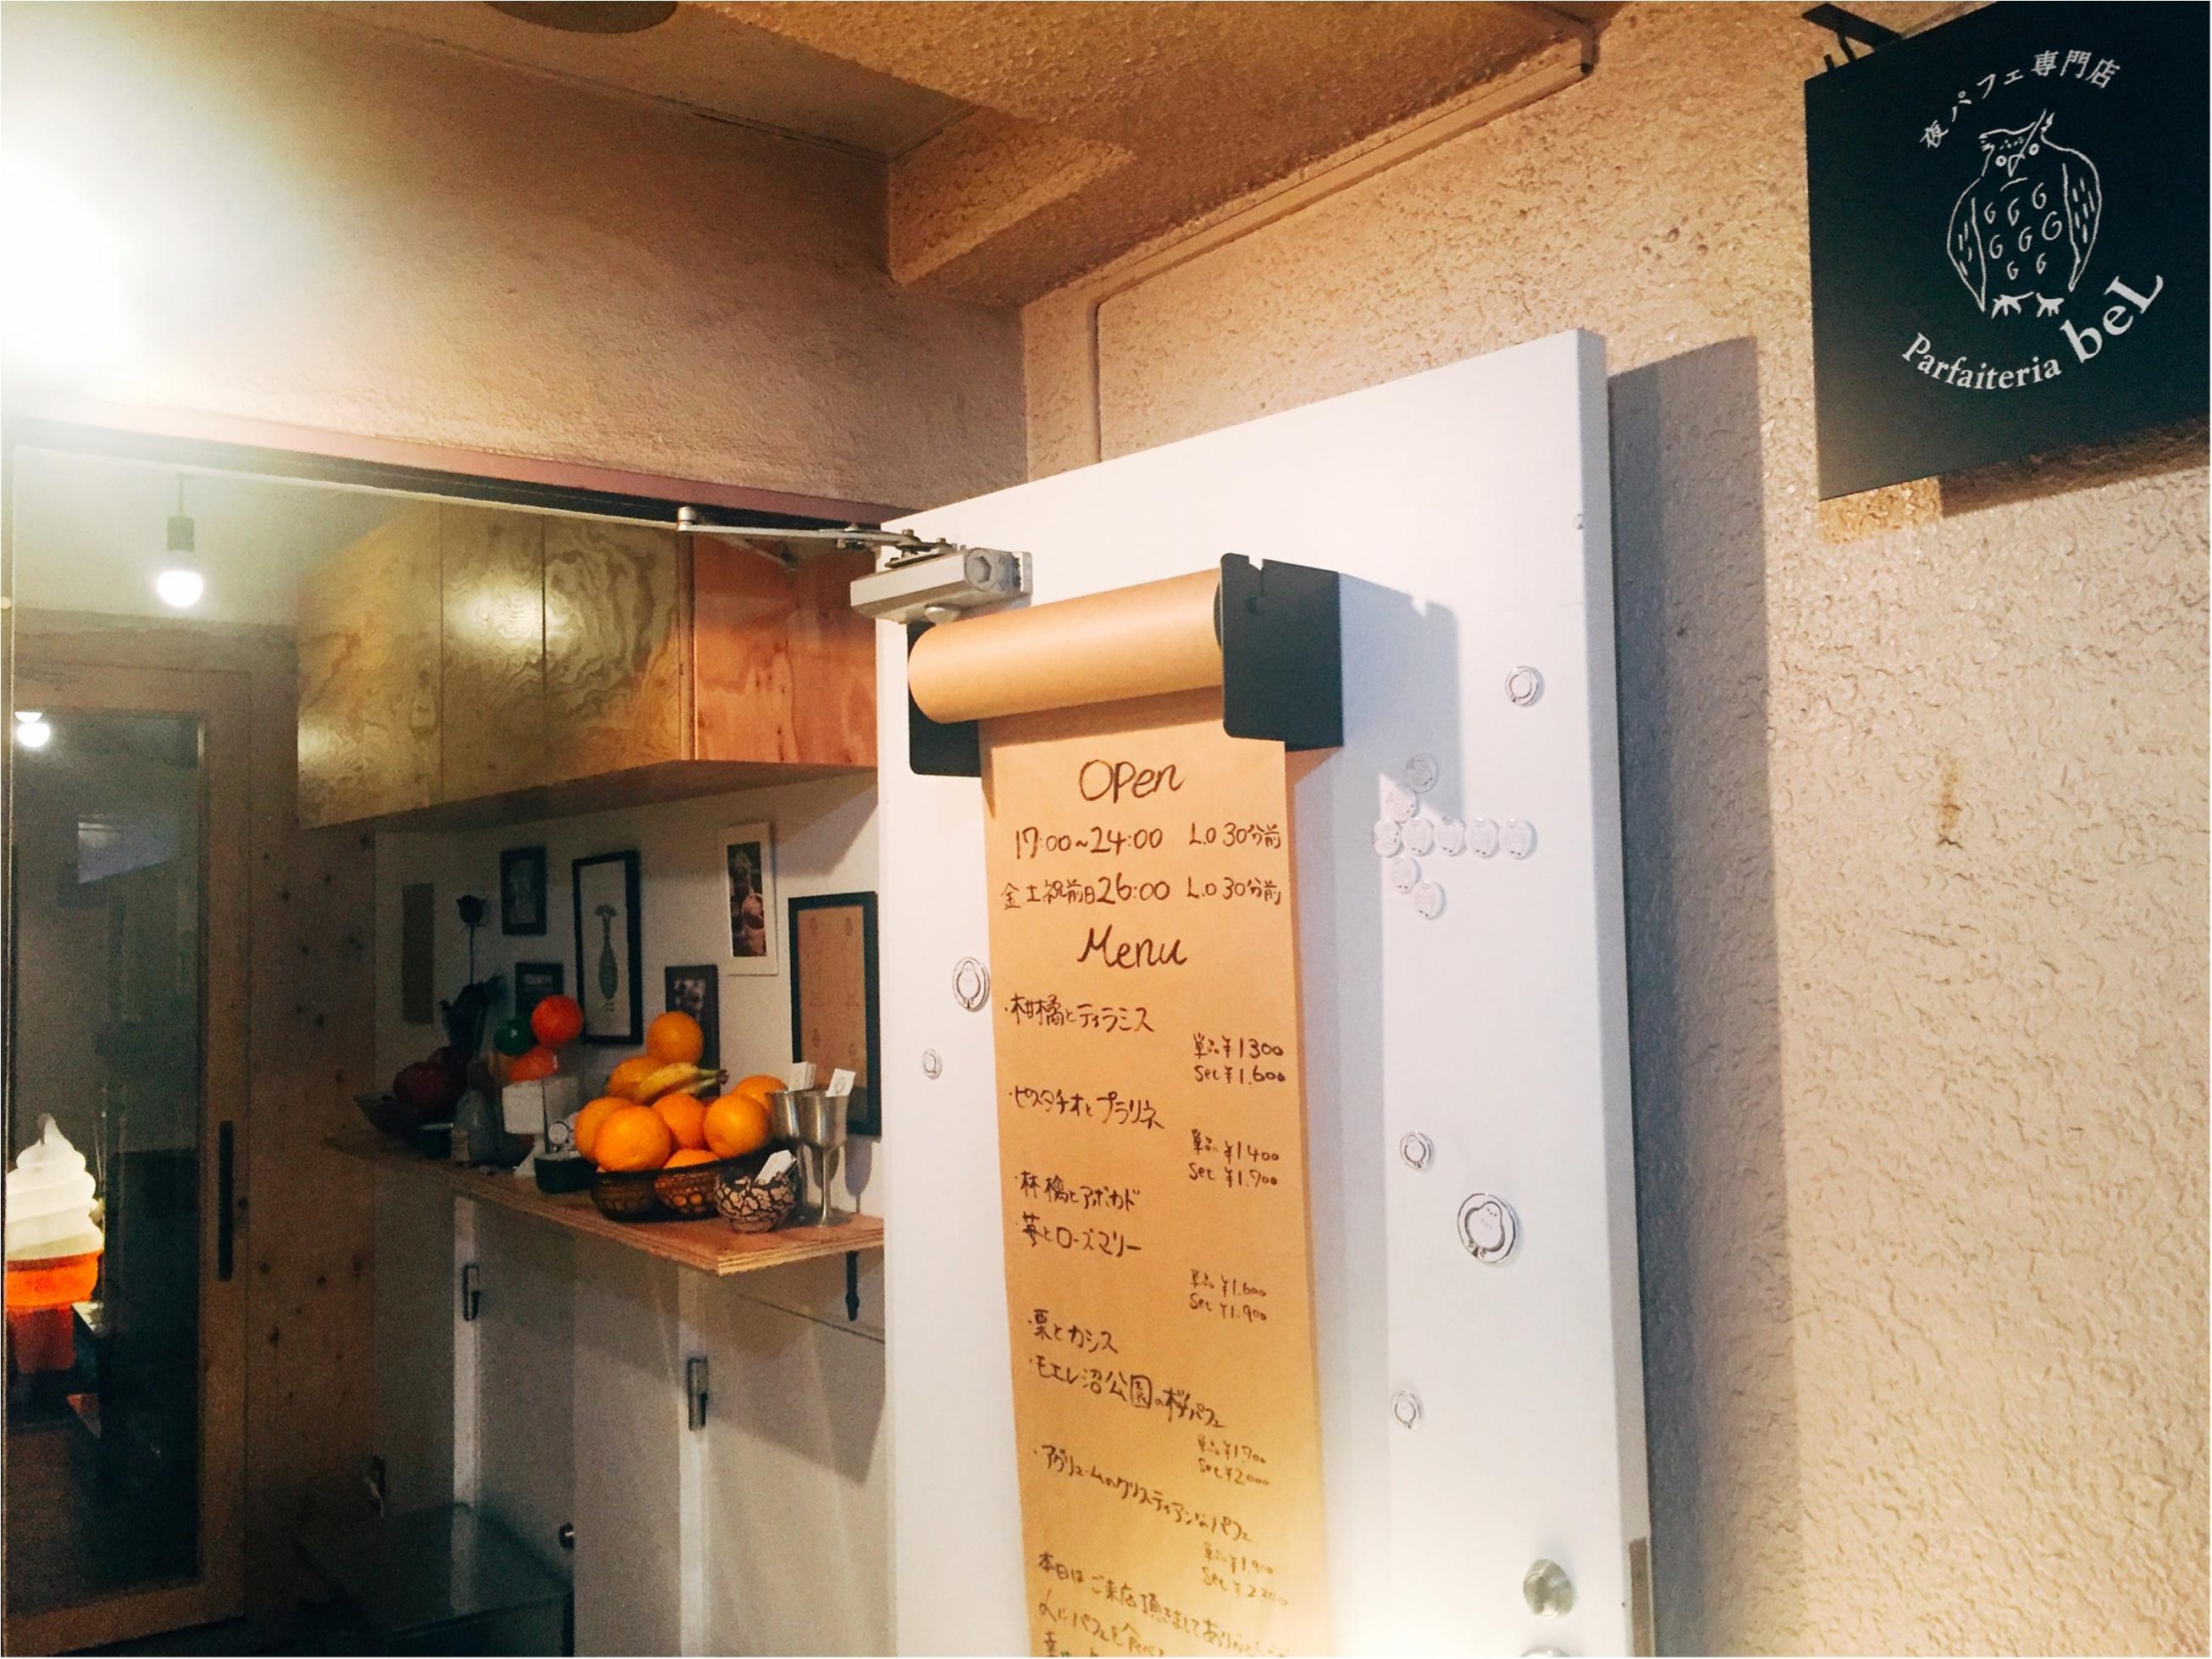 【渋谷/夜だけ食べられるパフェ】一日の締めに美味しいパフェで〆る!お酒も飲めるフォトジェニックなスイーツカフェ♡_1_1